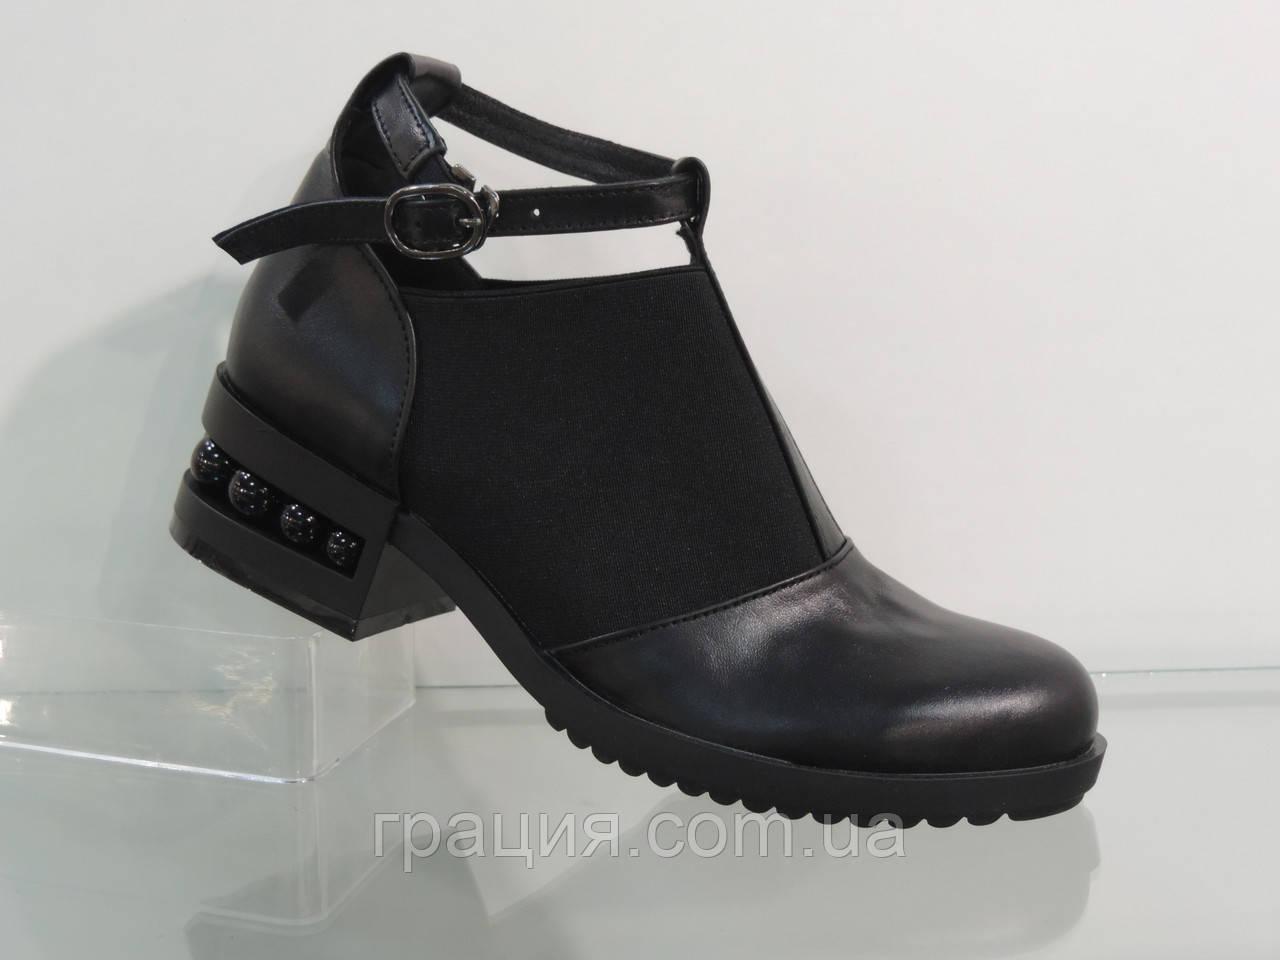 Туфлі жіночі шкіряні натуральні на більшому підборах